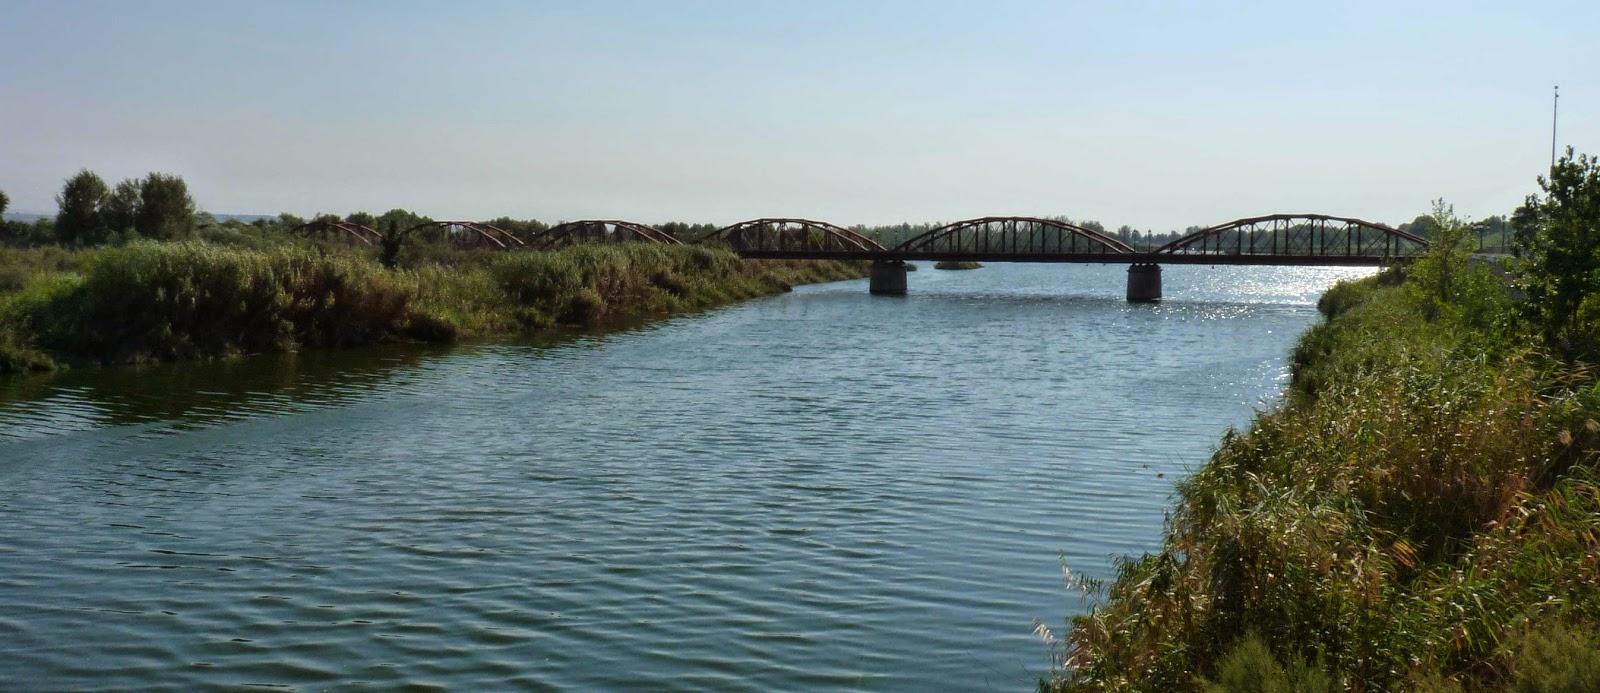 Puente de Hierro o Puente de la Reina Sofía.